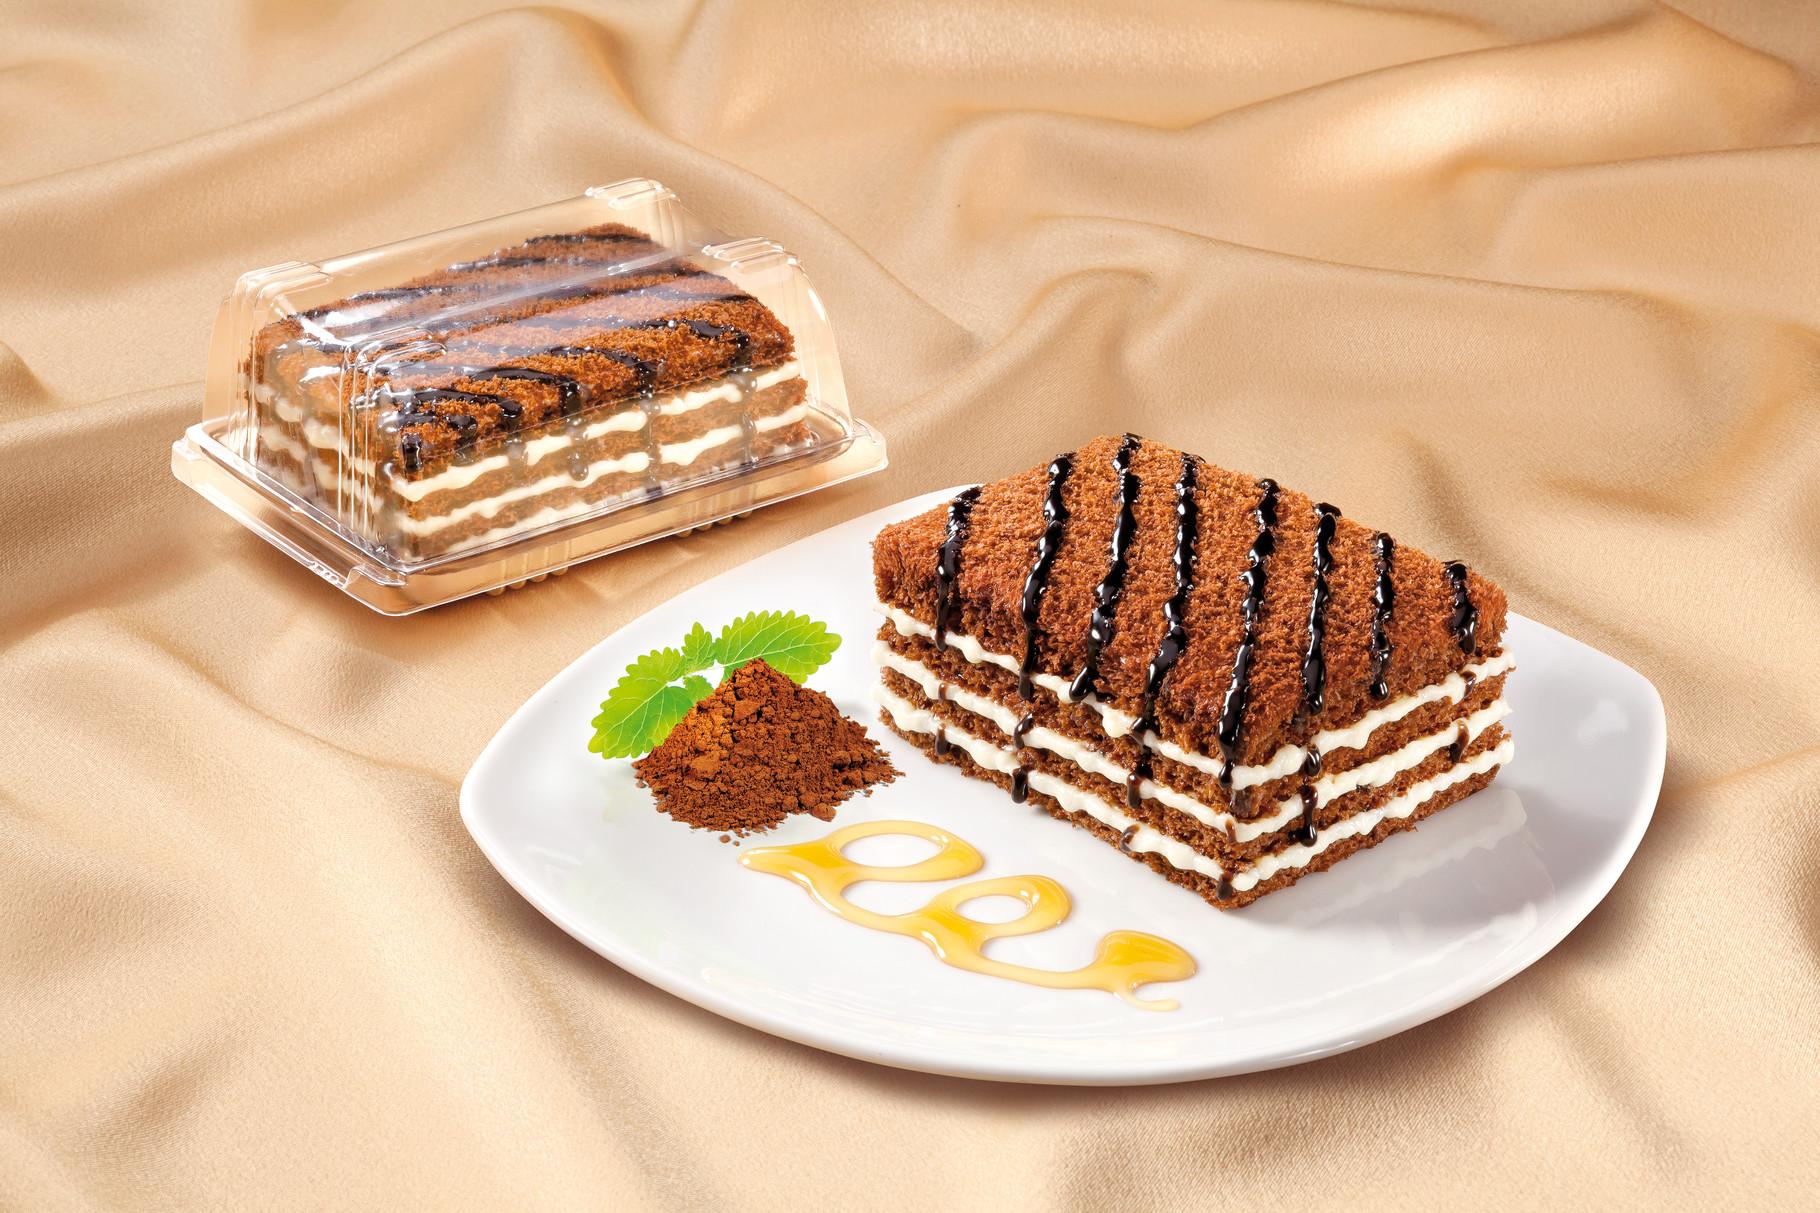 MARLENKA Honigtörtchen mit Kakao